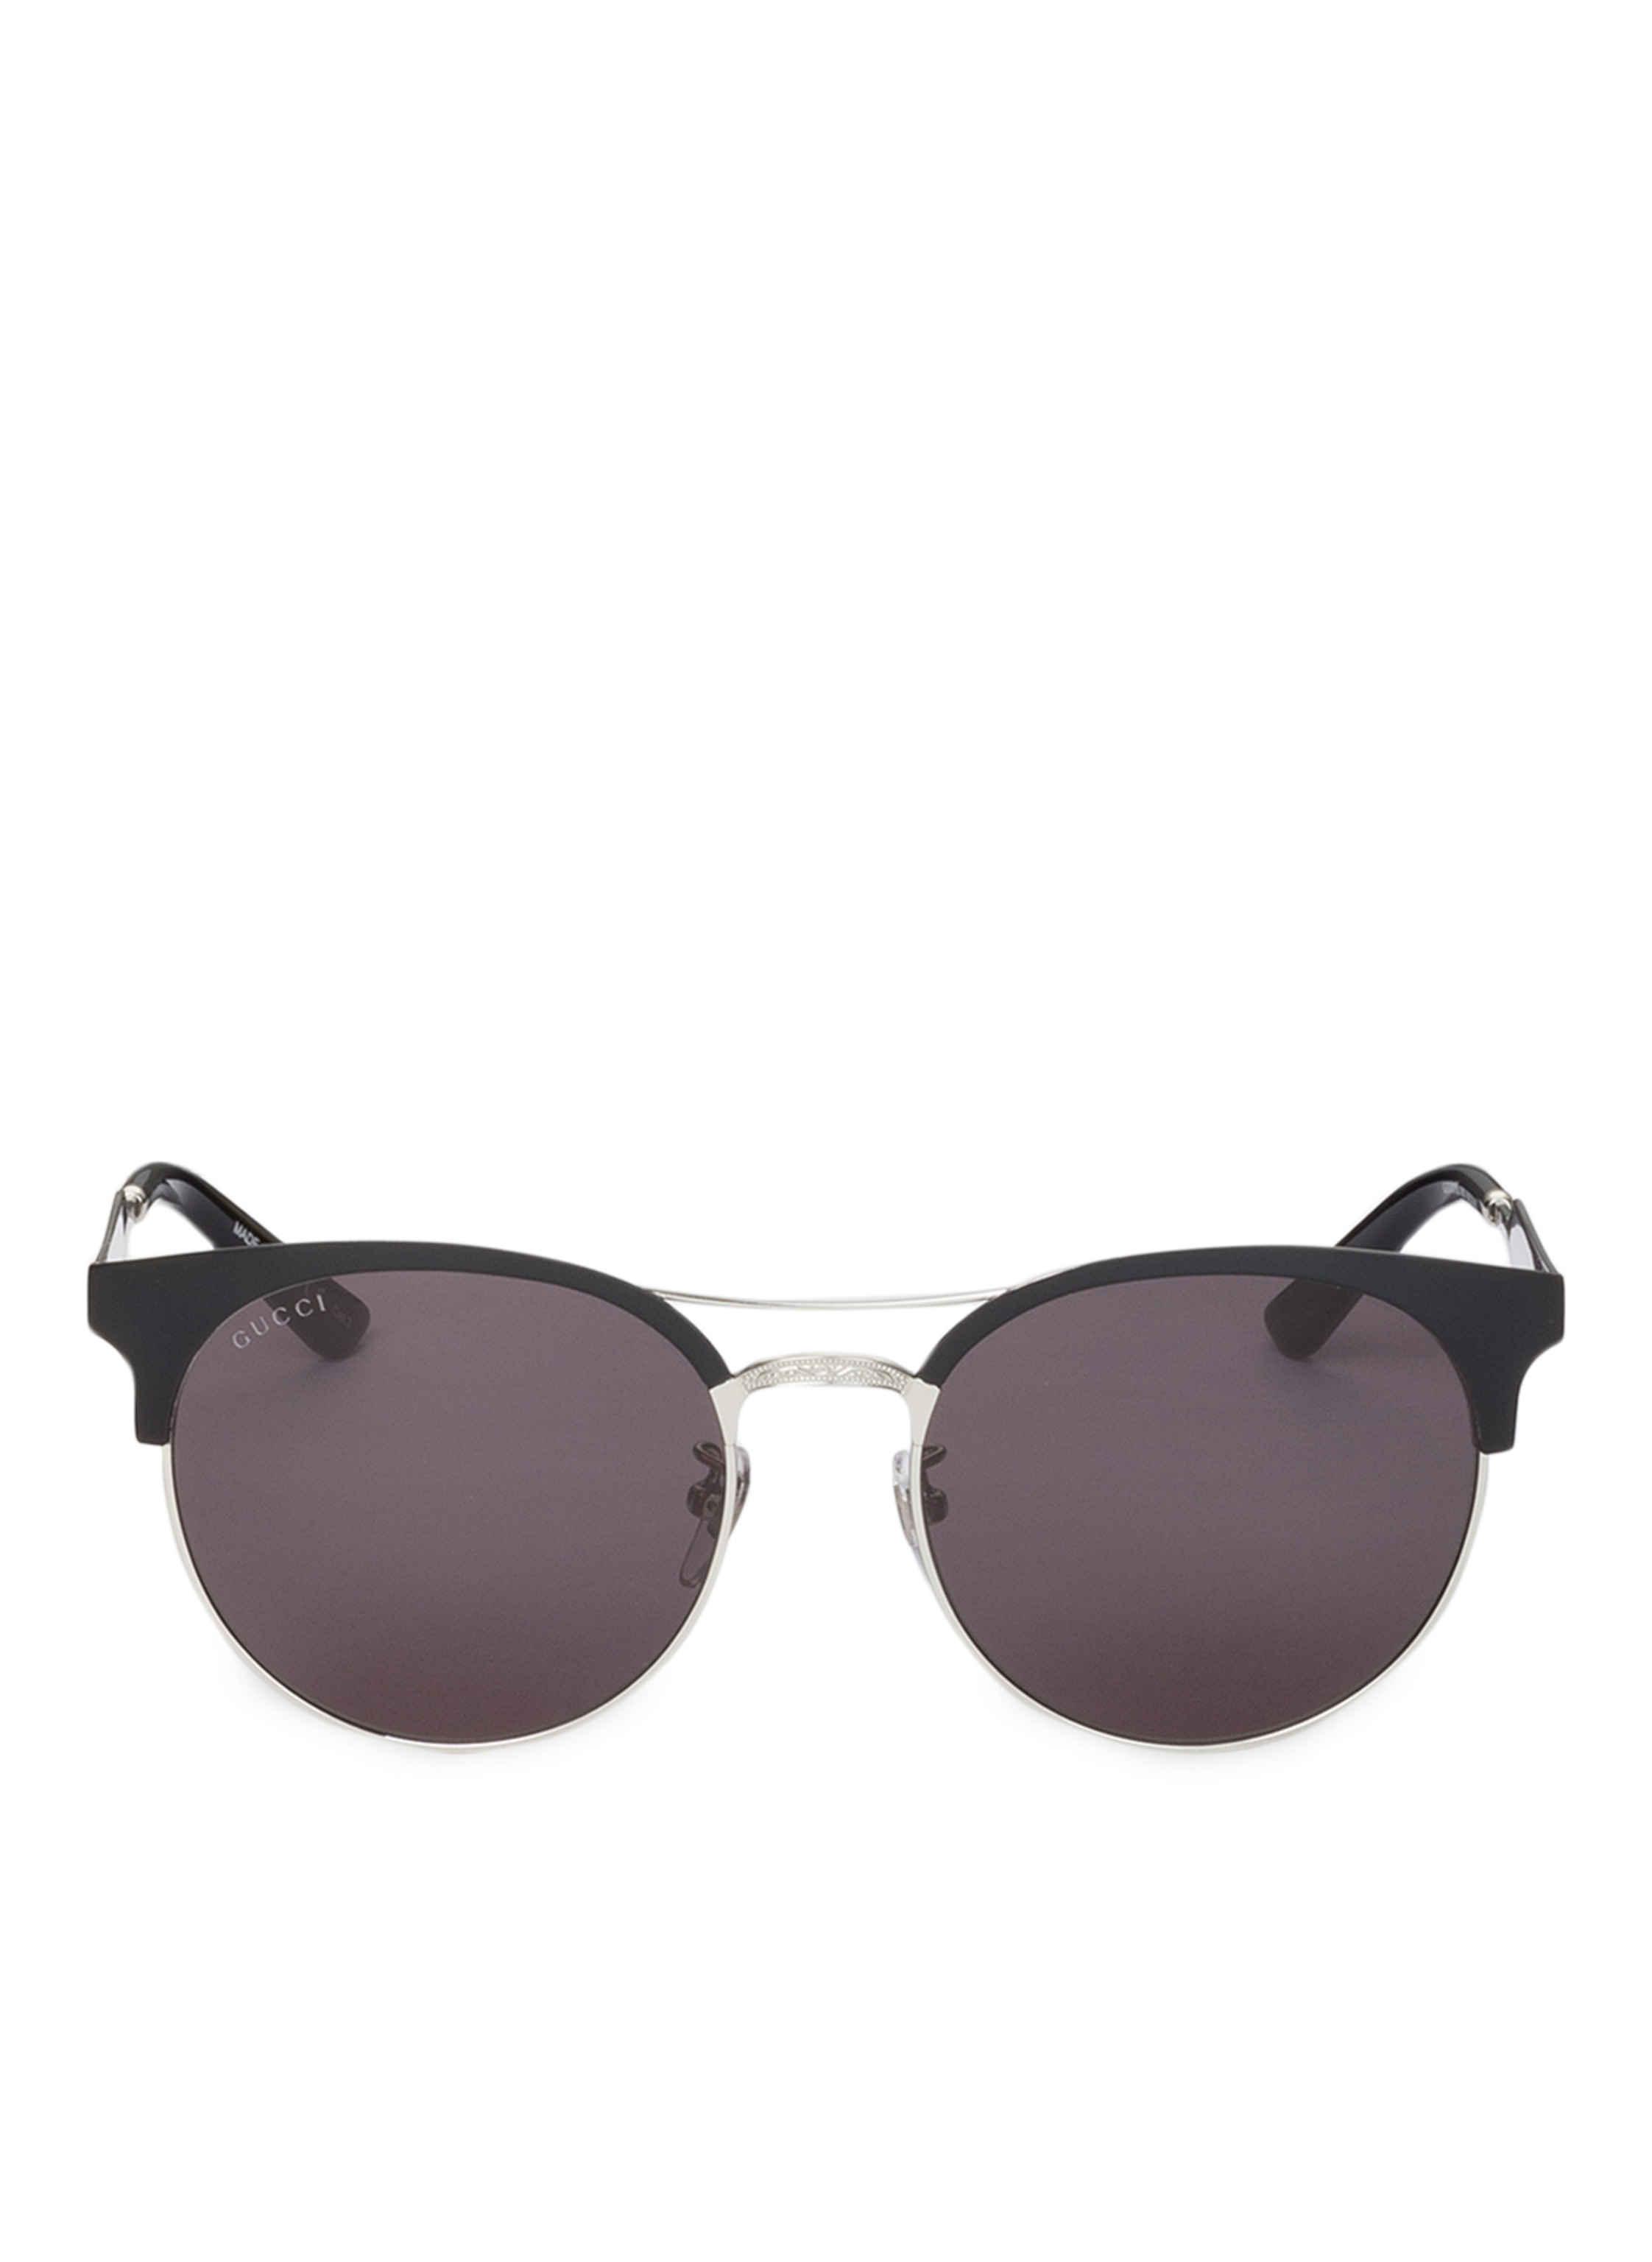 Sonnenbrille GG0075S von GUCCI bei Breuninger kaufen